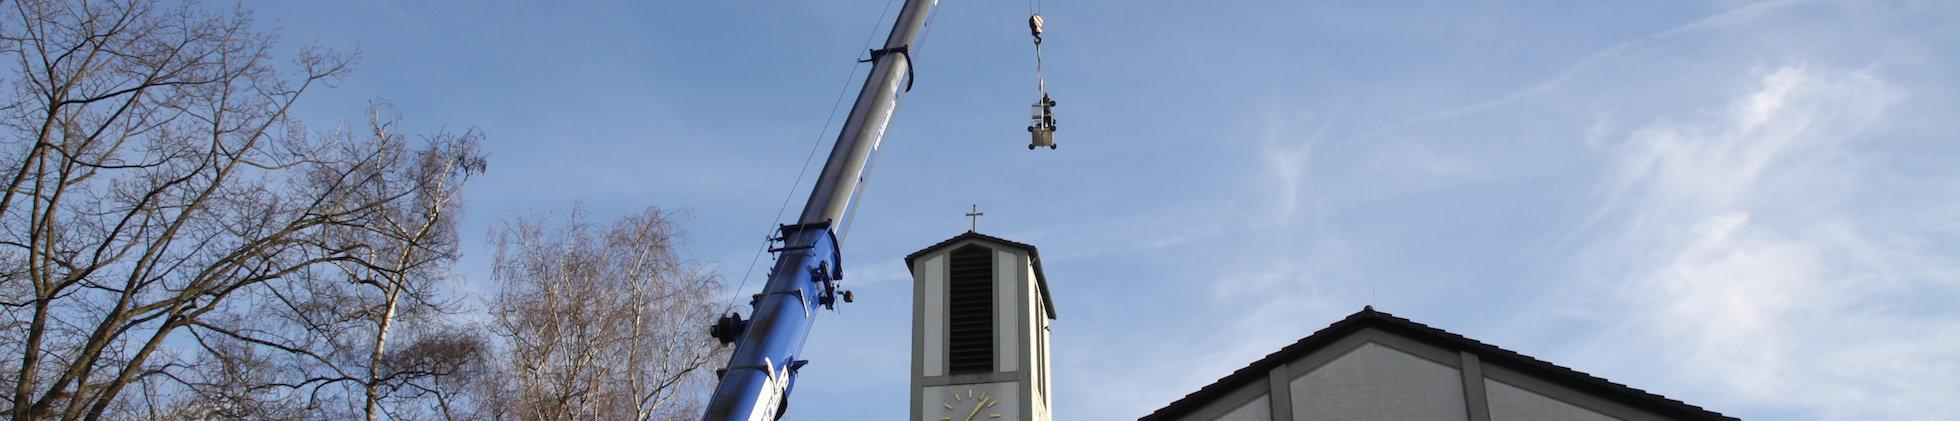 Quelle: Markus Schulz, Gemeinde an der Christuskirche